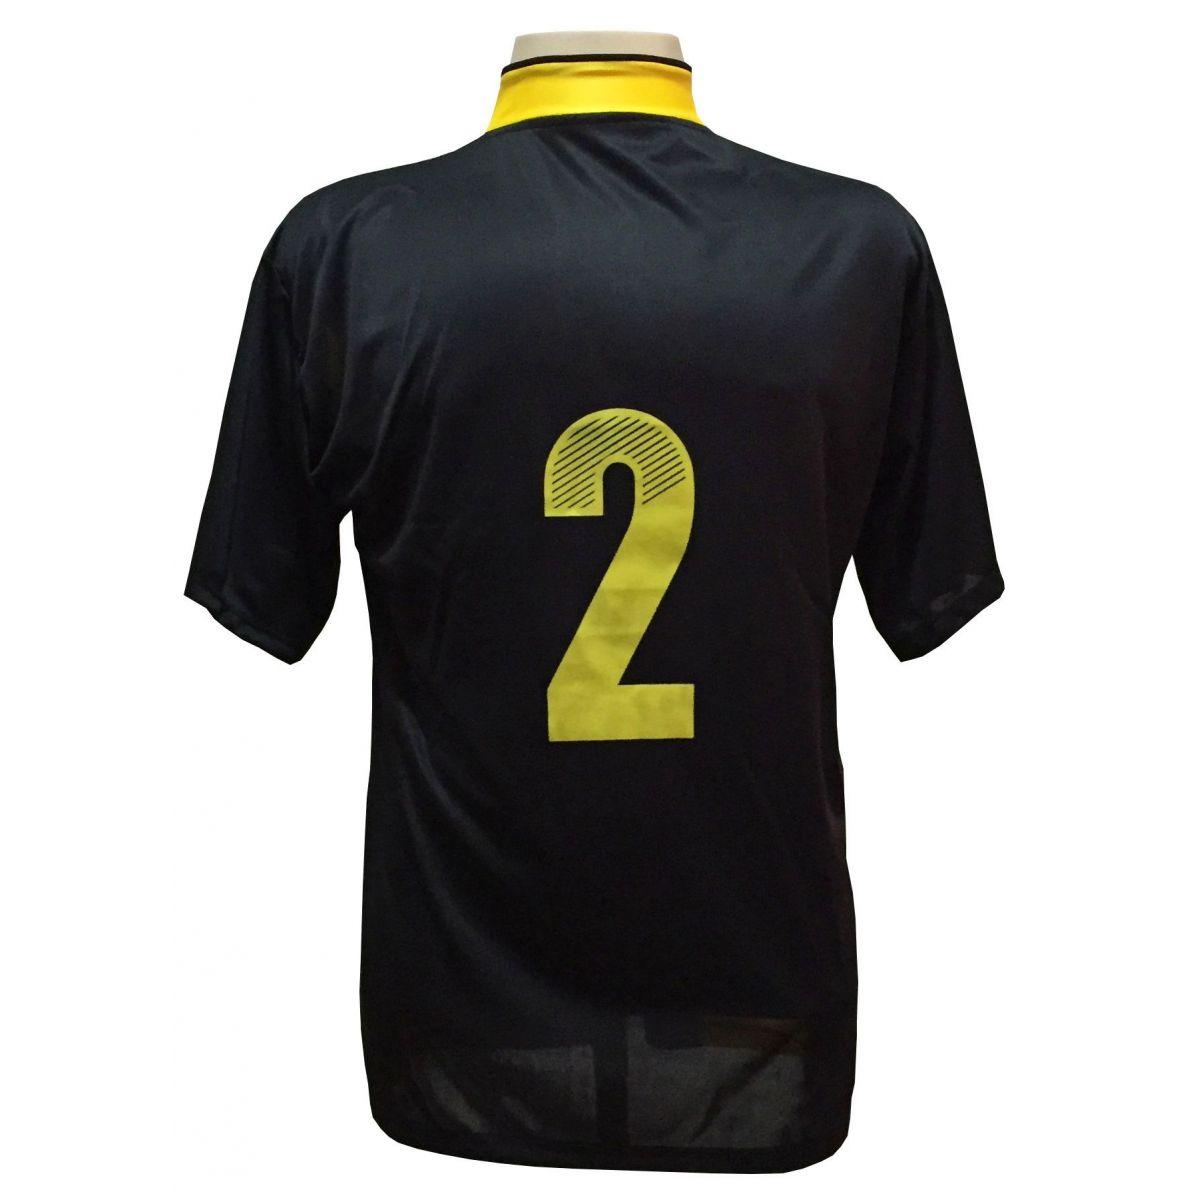 1b9e6b756a Uniforme Esportivo com 14 camisas modelo Suécia Preto Amarelo + 14 calções  modelo Copa + 1 Goleiro + Brindes - Play fair R  639